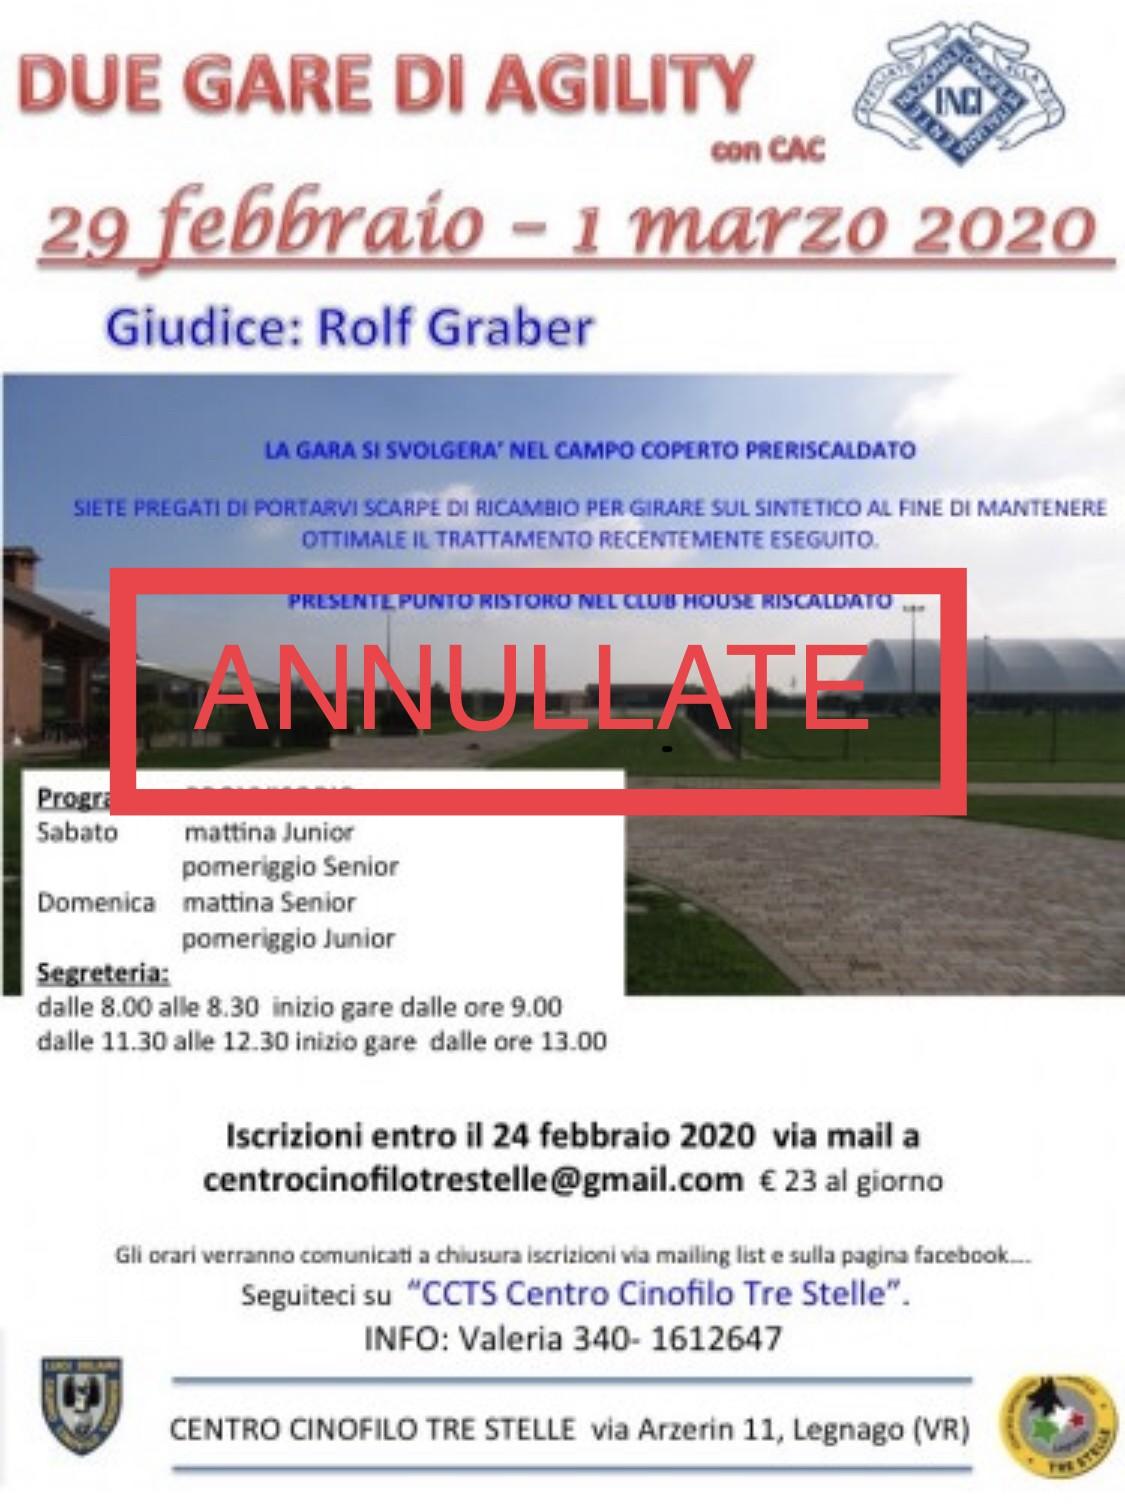 CCTS Legnago, 29 febbraio 2020